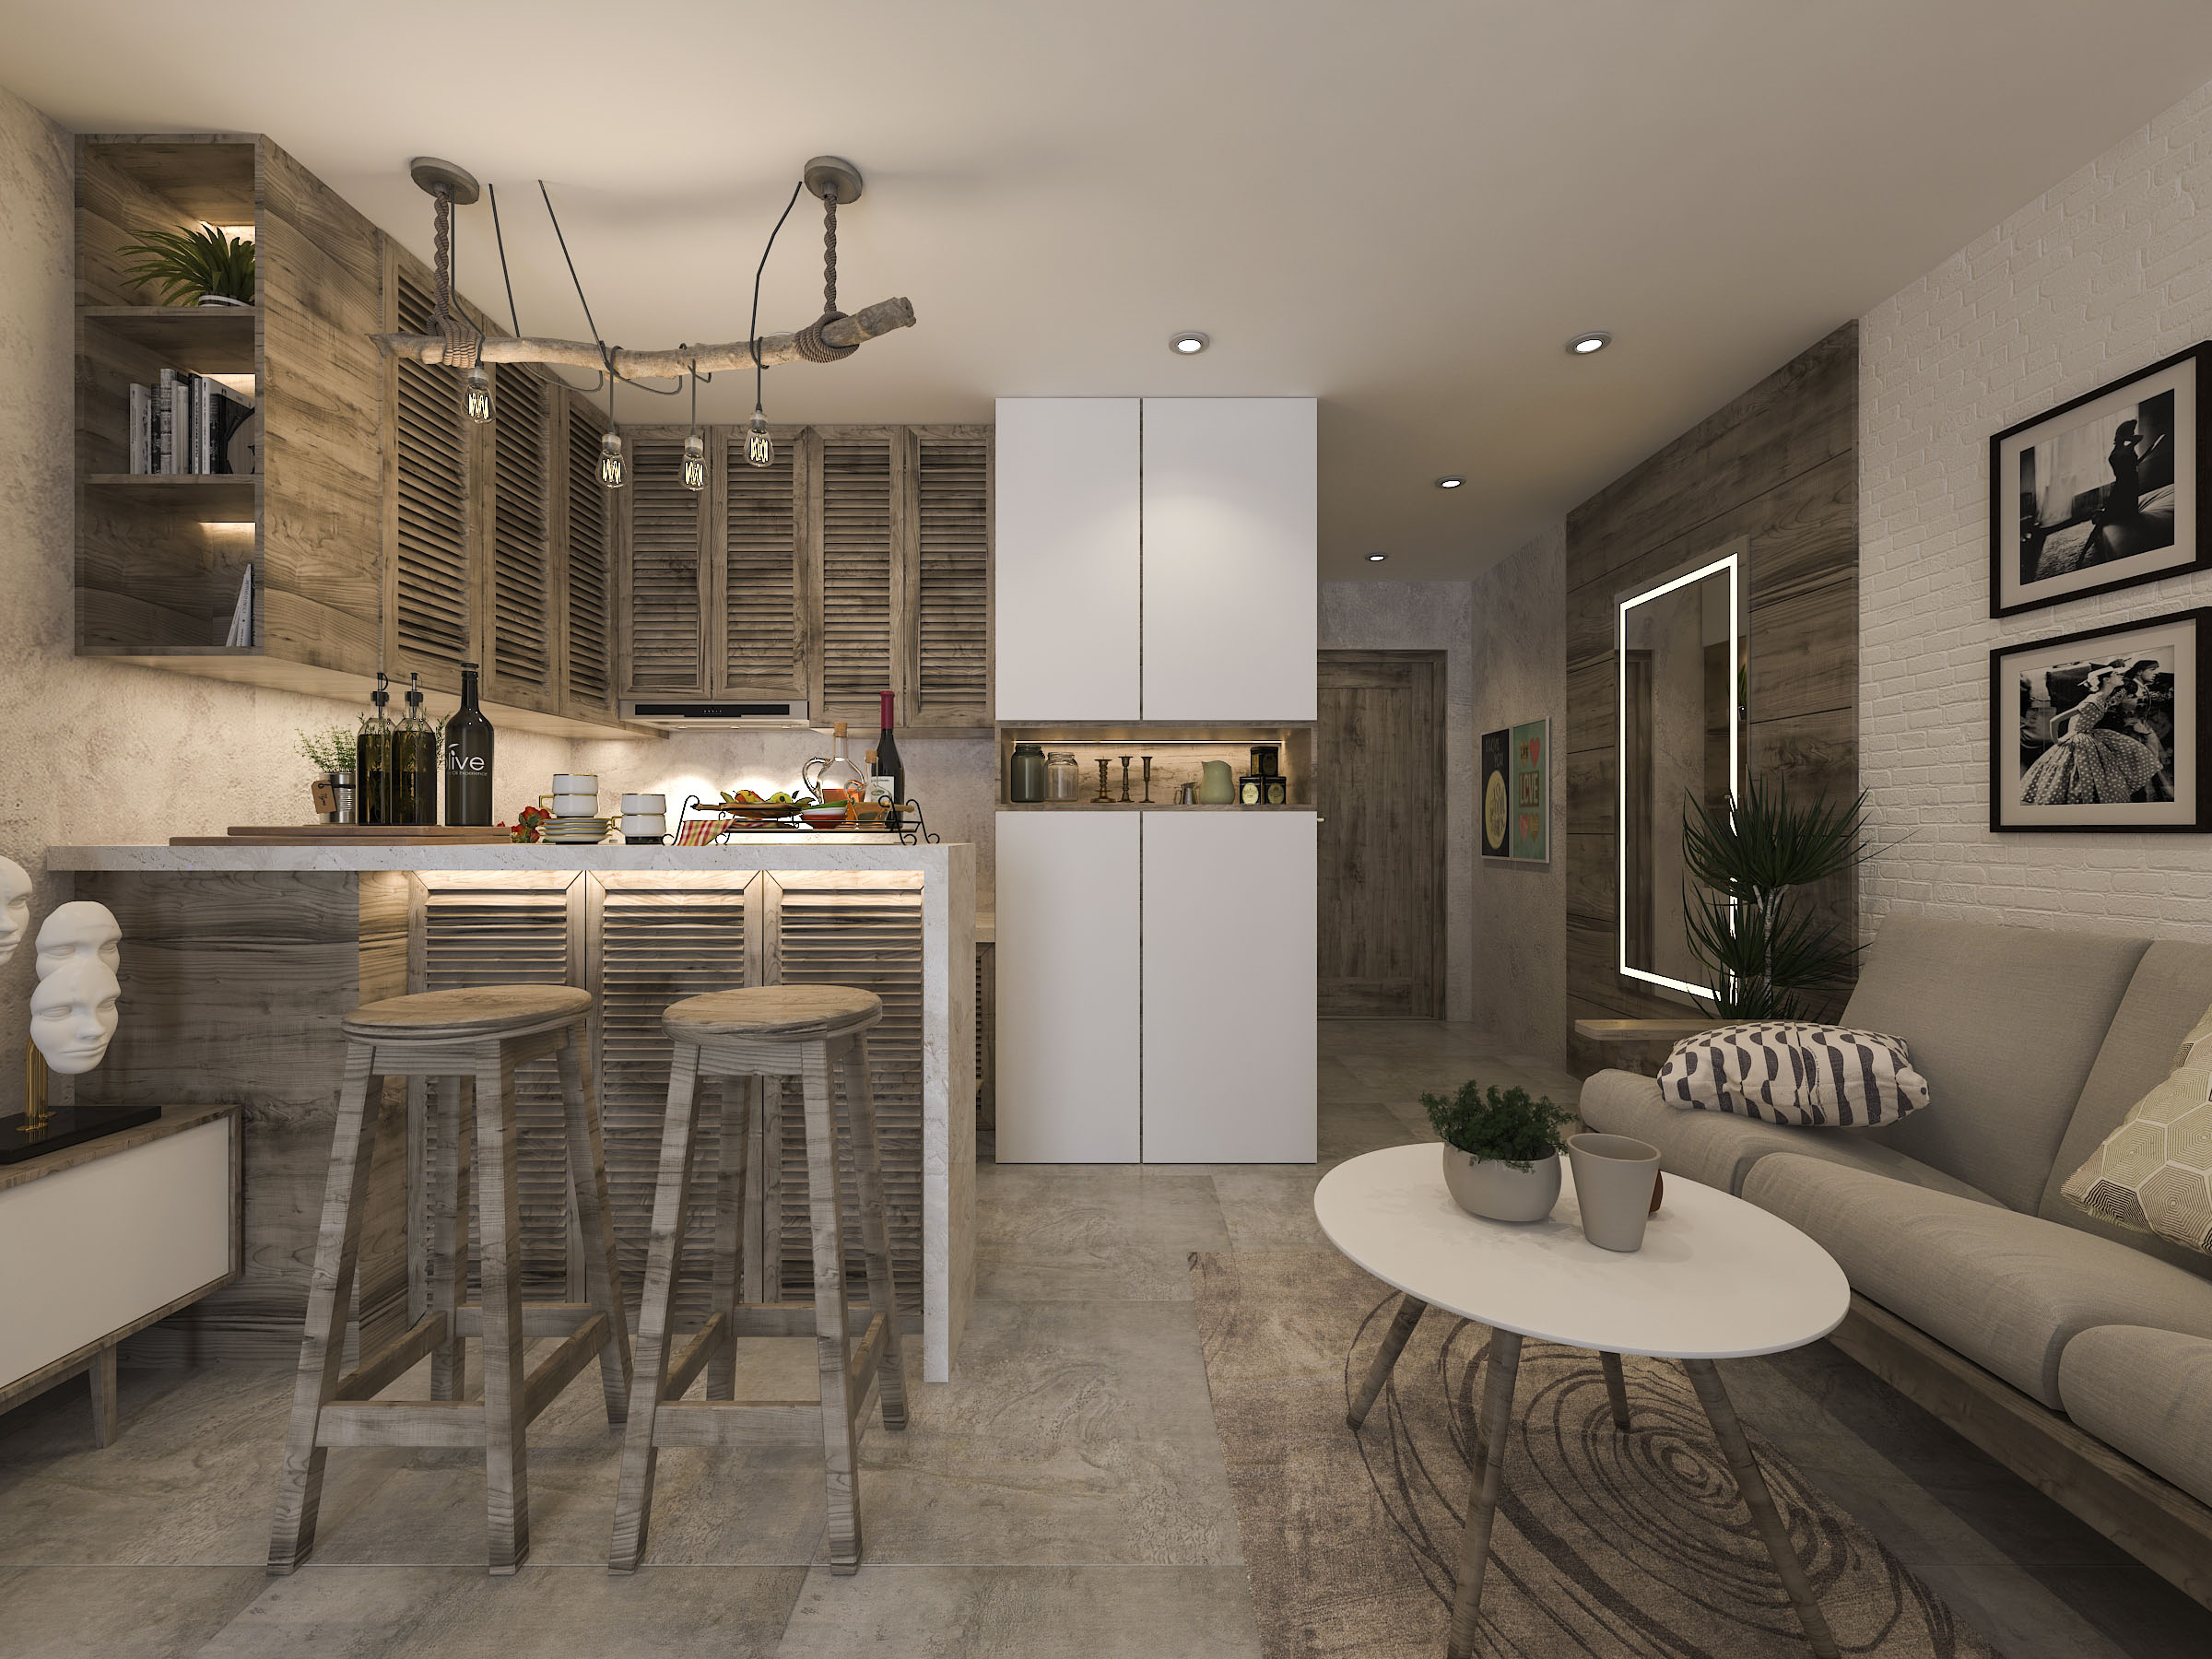 thiết kế nội thất chung cư tại Hồ Chí Minh Mr. Nam Apartment 0 1562984051